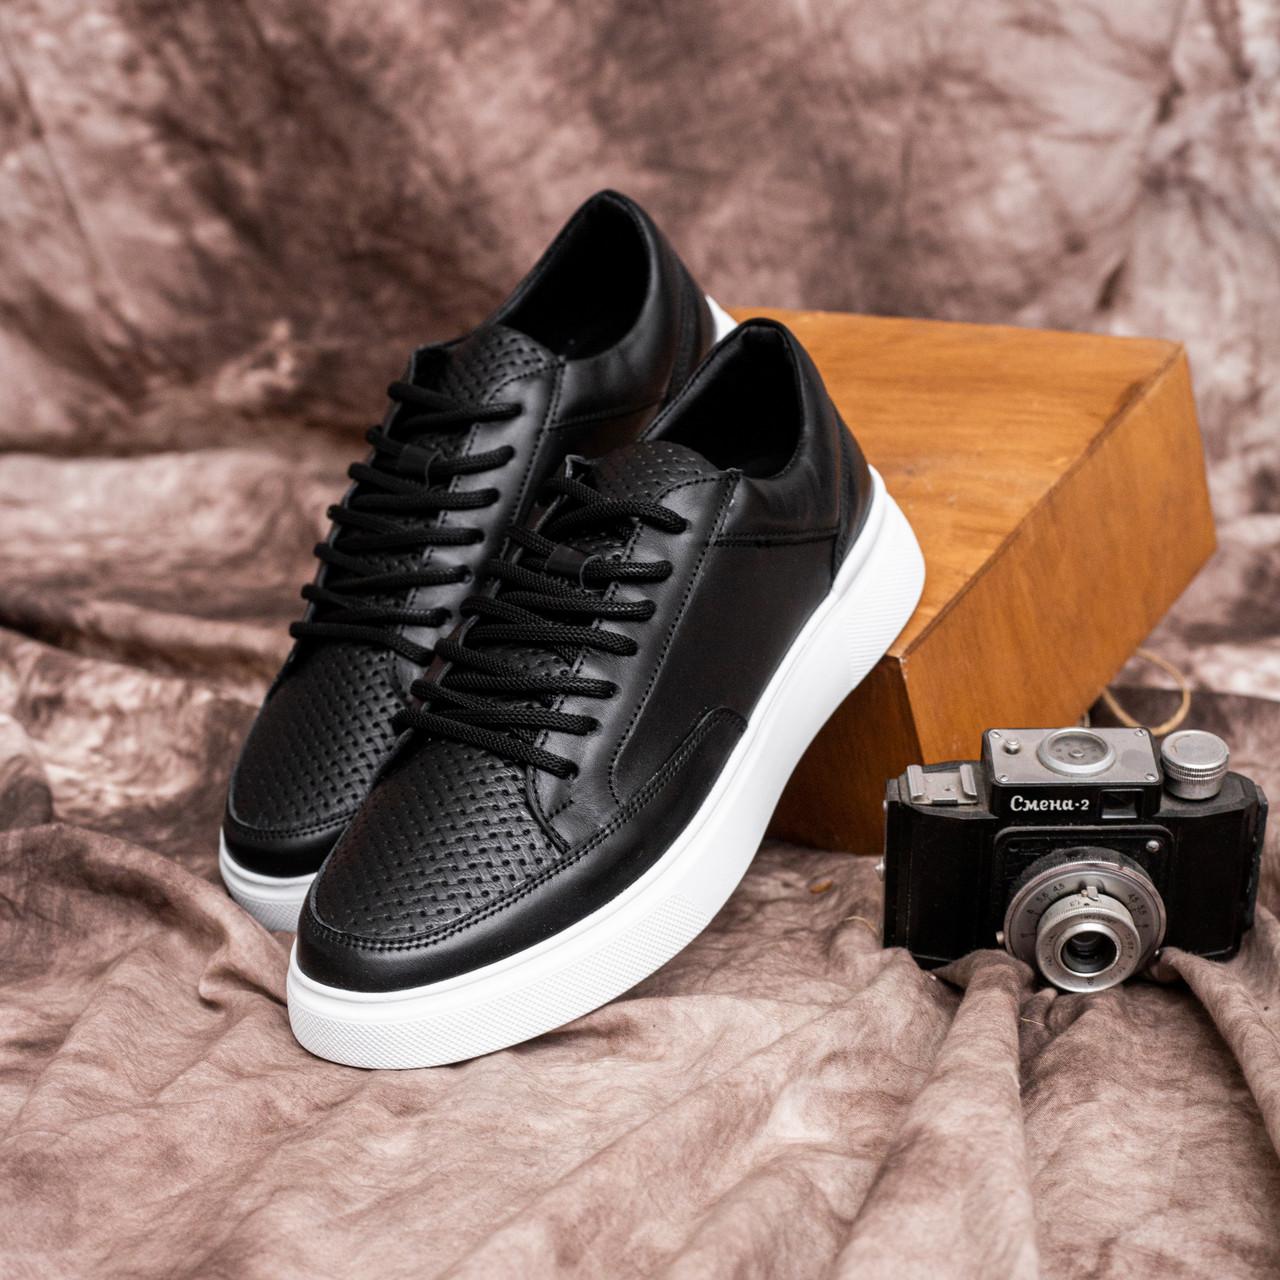 Чоловічі кросівки Форест (чорні з білою підошвою)